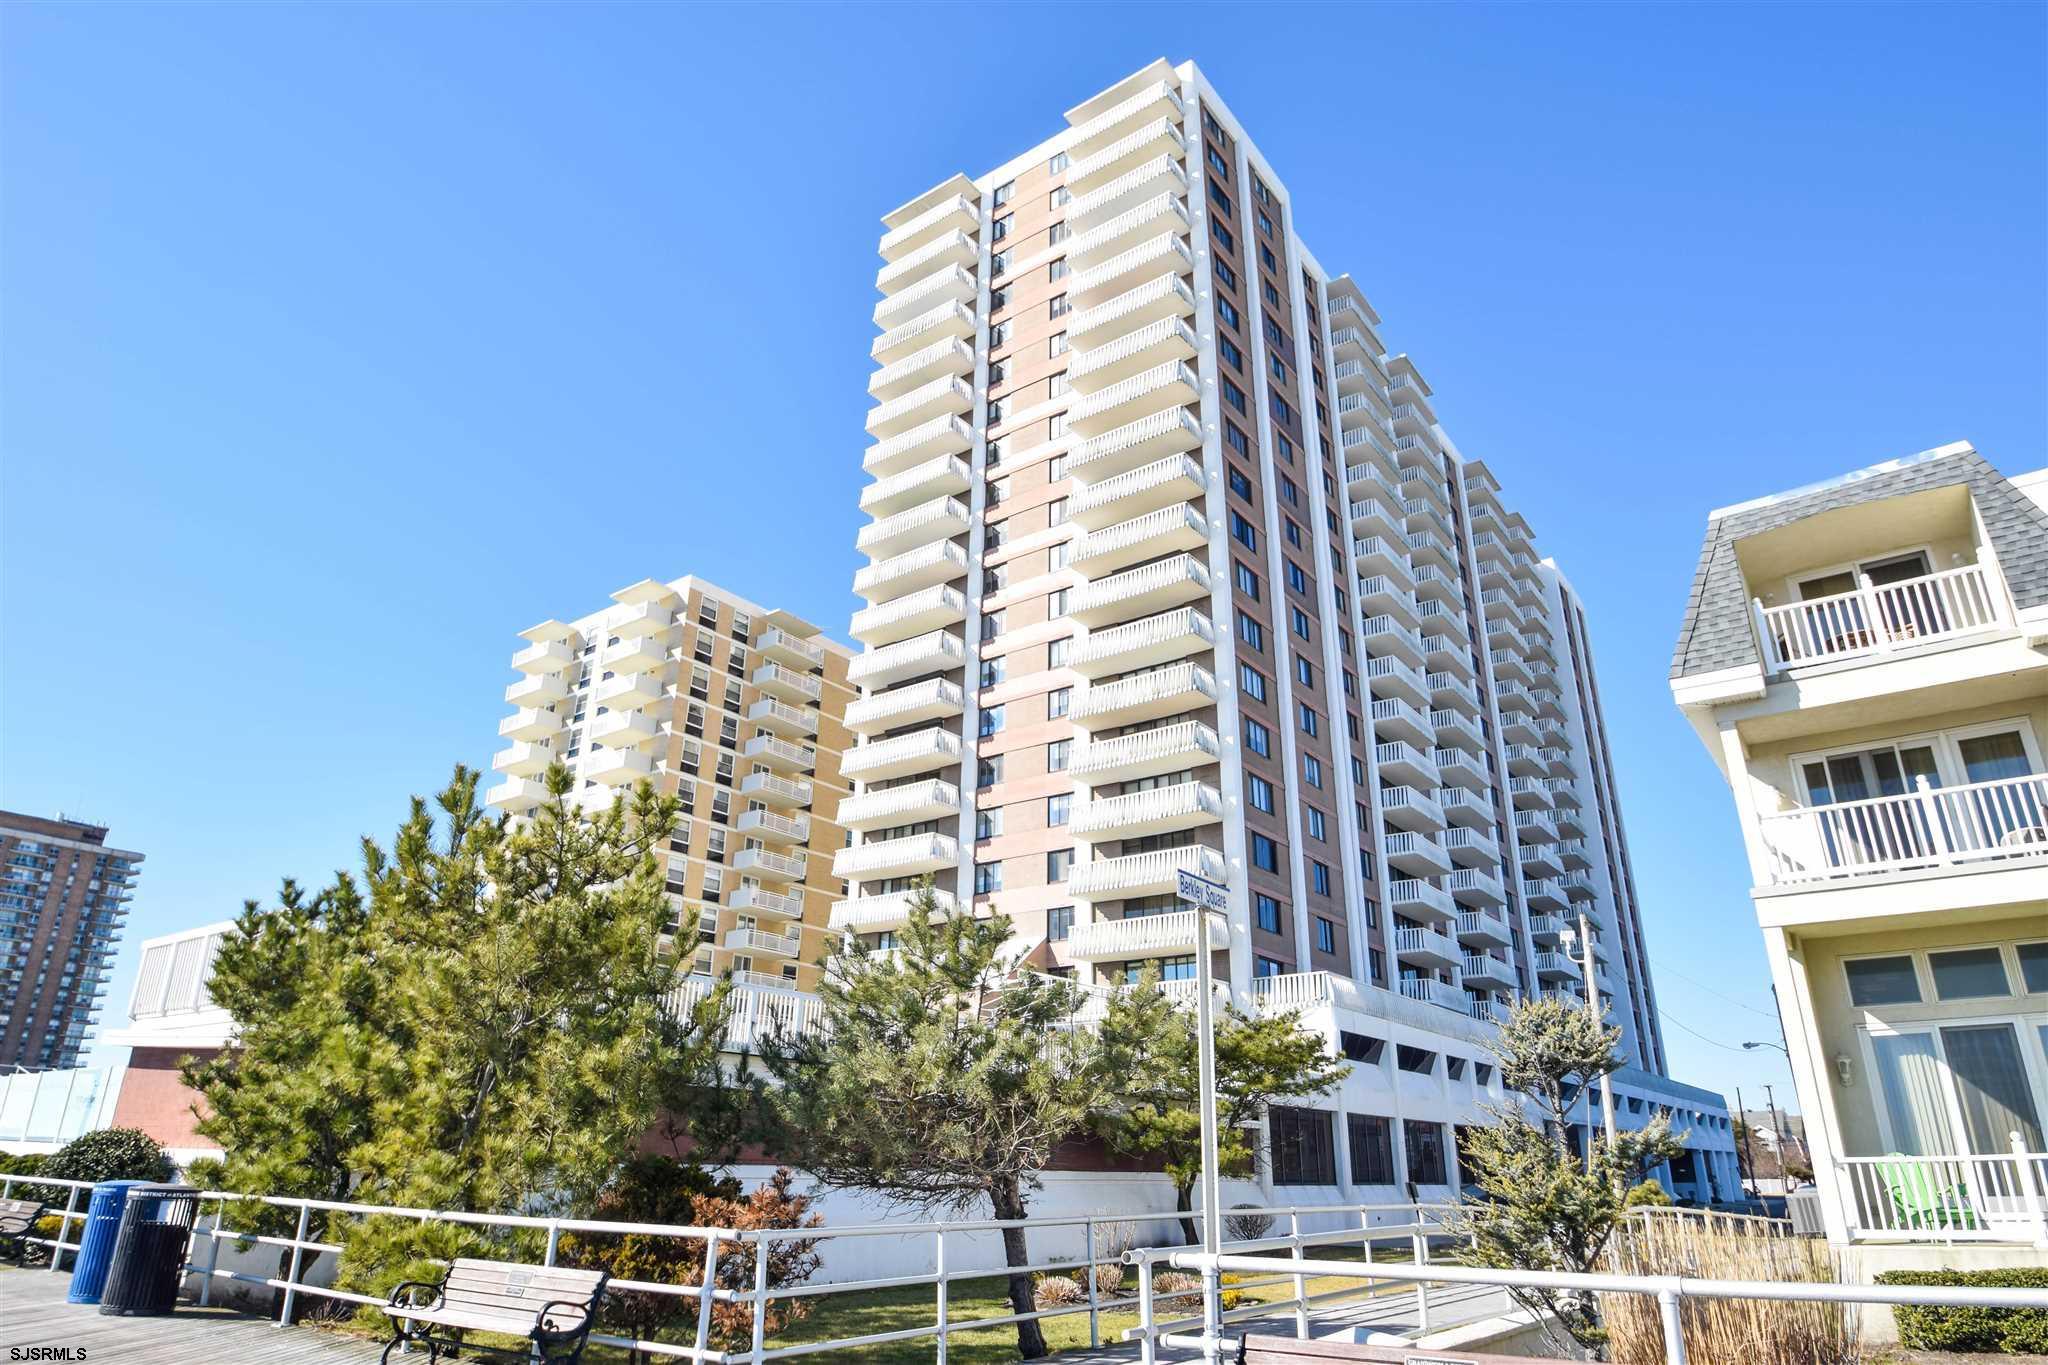 Berkley Condominium is a premier condo community located in the quiet residential comminity of the C